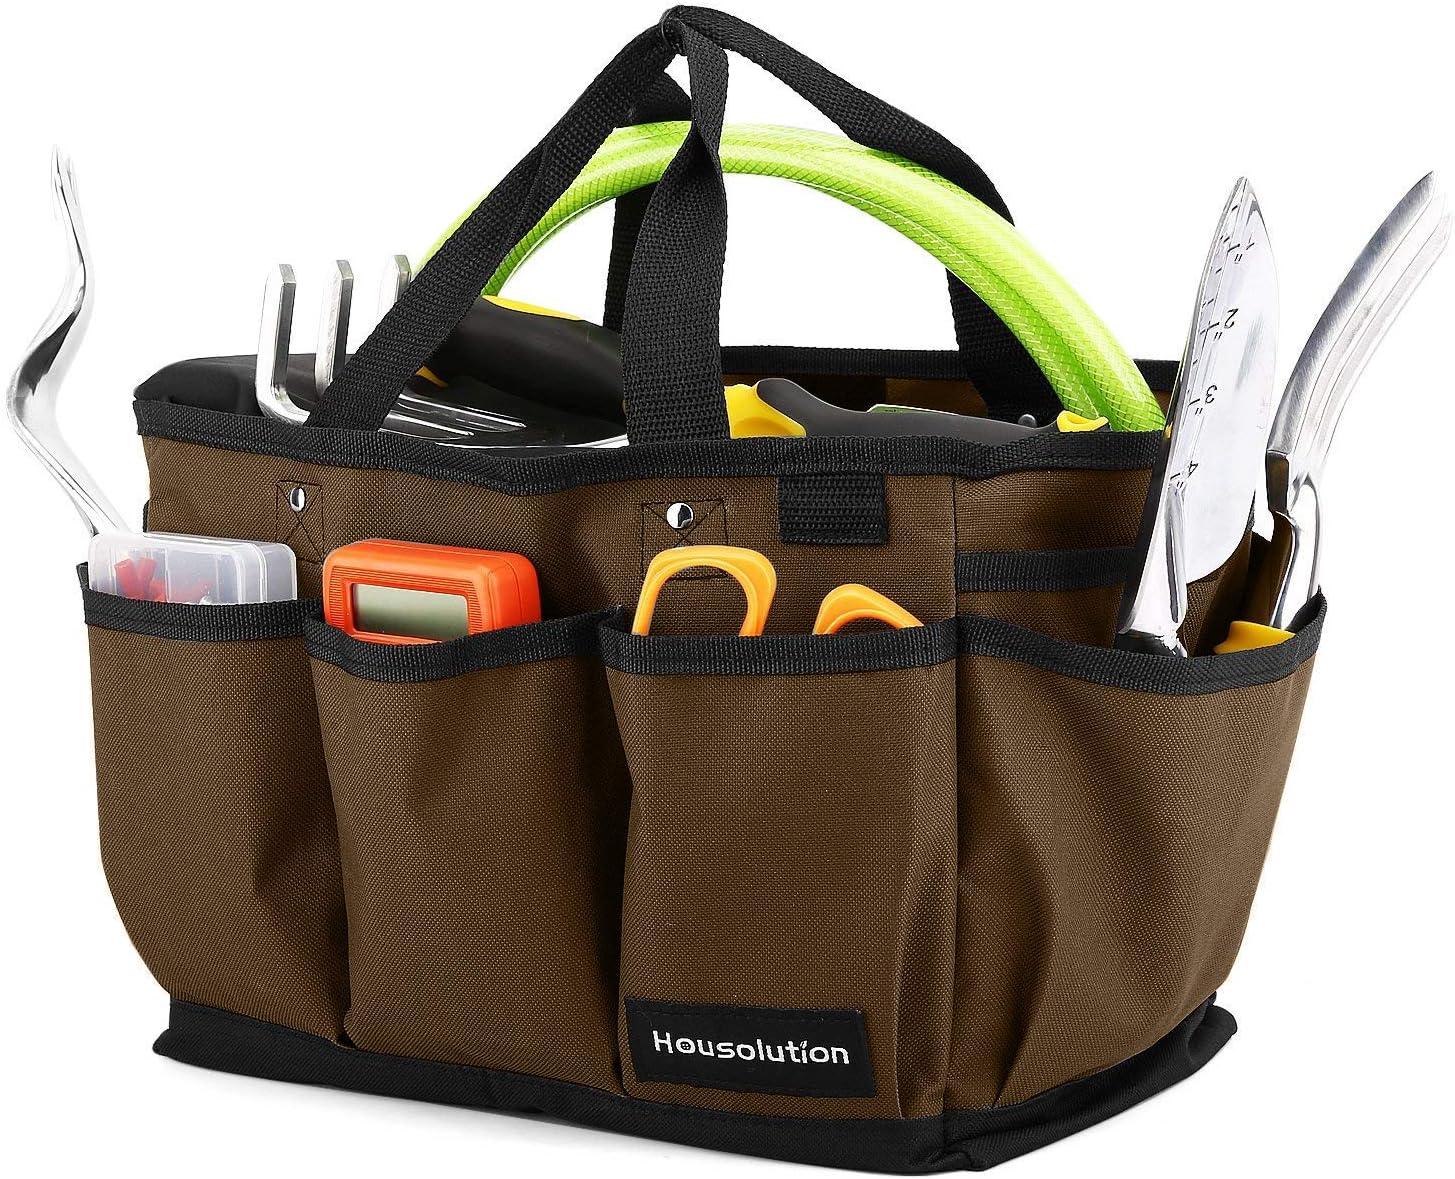 Bigking Gartenwerkzeug-Tasche Multi-Pocket-Gartenwerkzeug-Tasche H/üfttasche Organizer mit verstellbarem G/ürtel Gartenbedarf